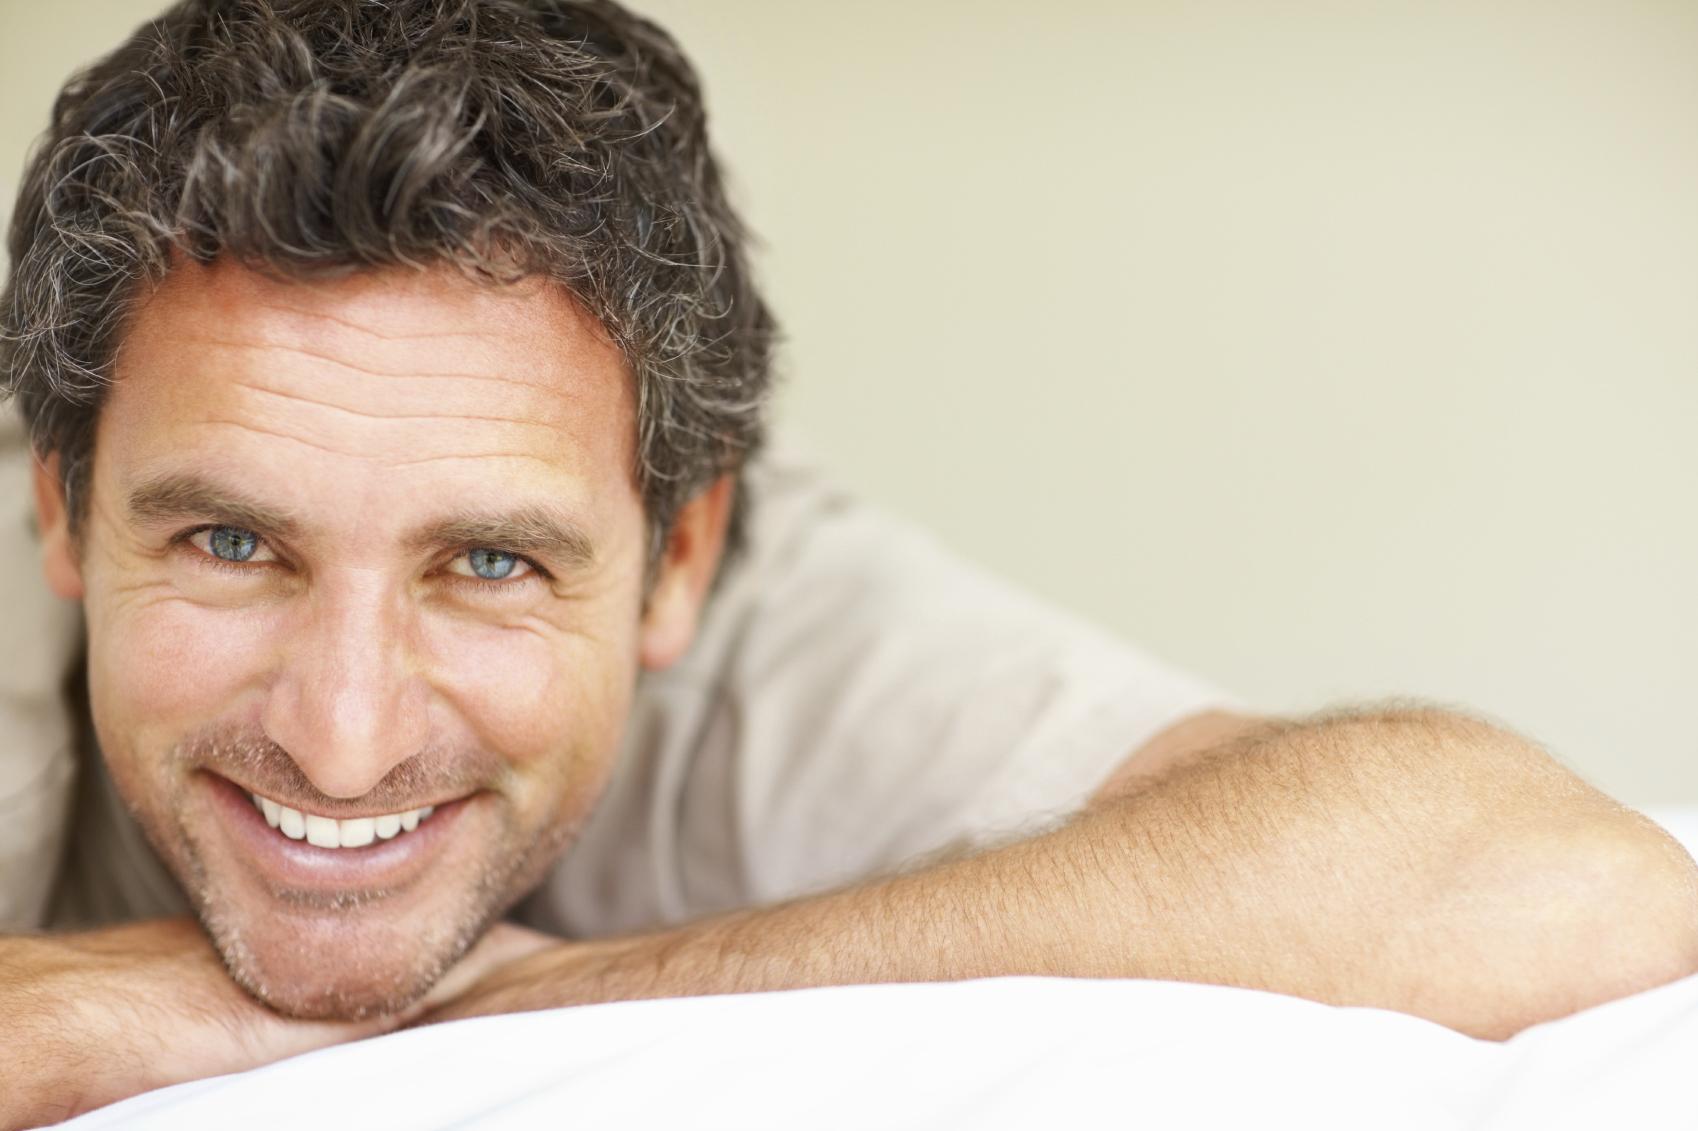 Cuidados-com-a-saúde-do-homem-com-mais-de-50-anos